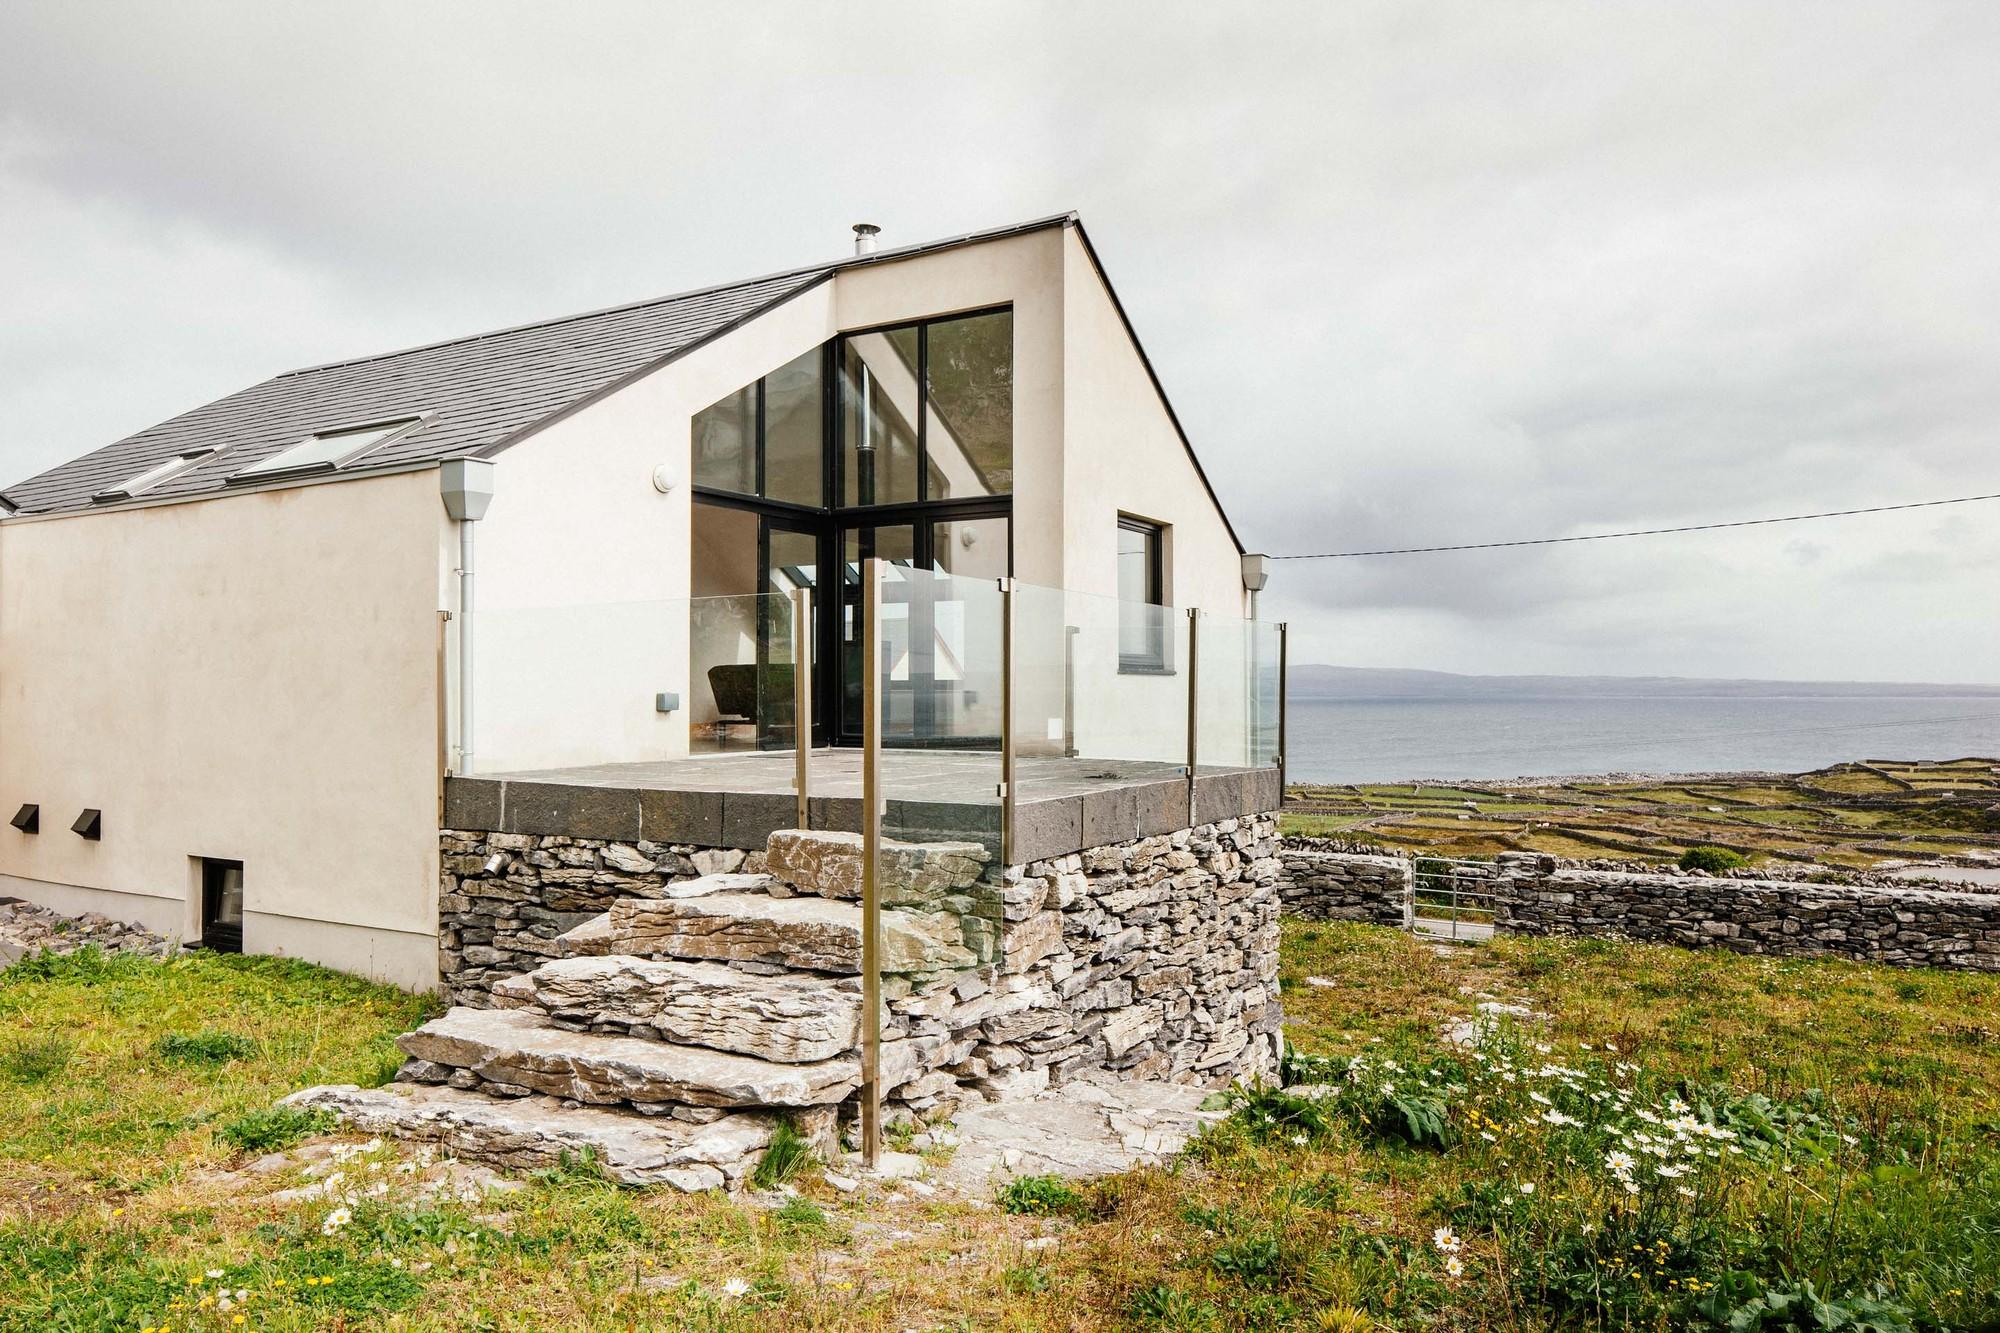 Island Dwelling / O'Neill Architecture, © Philip Lauterbach